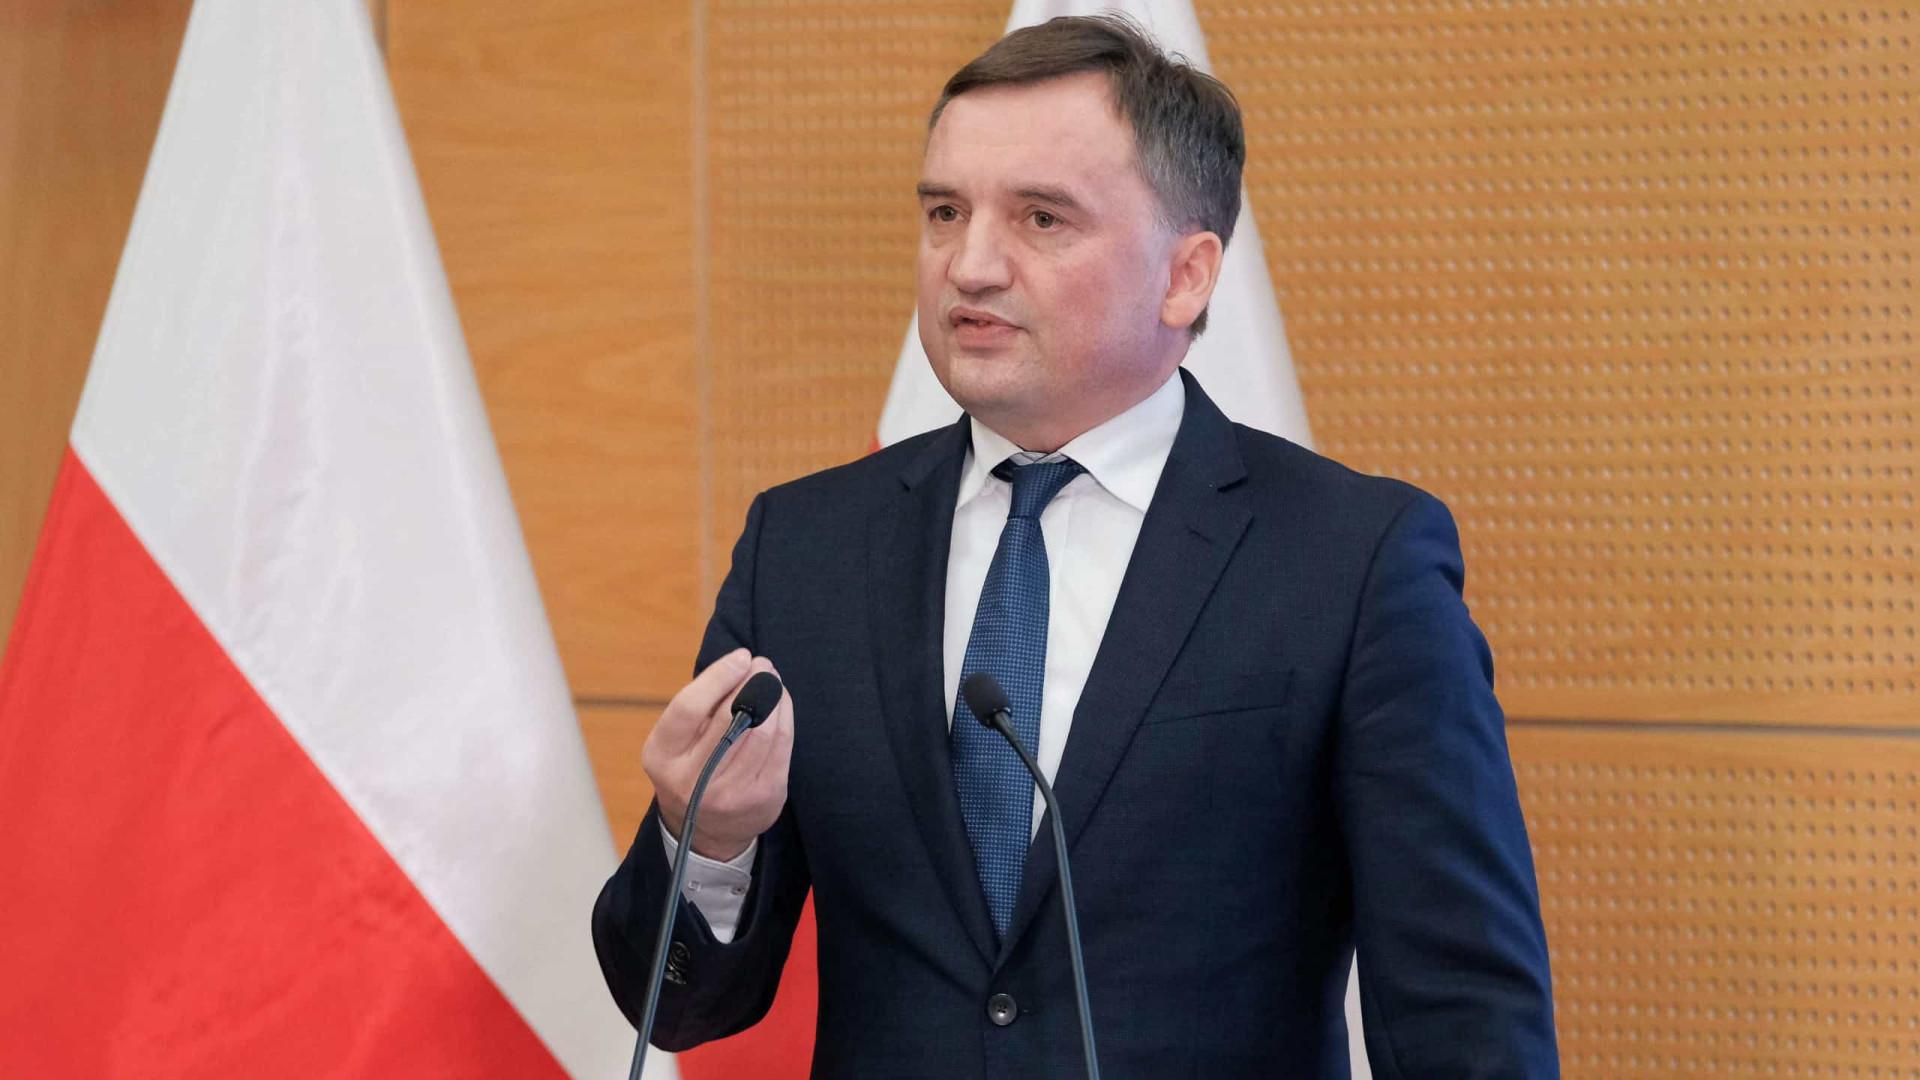 Ministro da Justiça polaco diz que país não deve pagar multa europeia